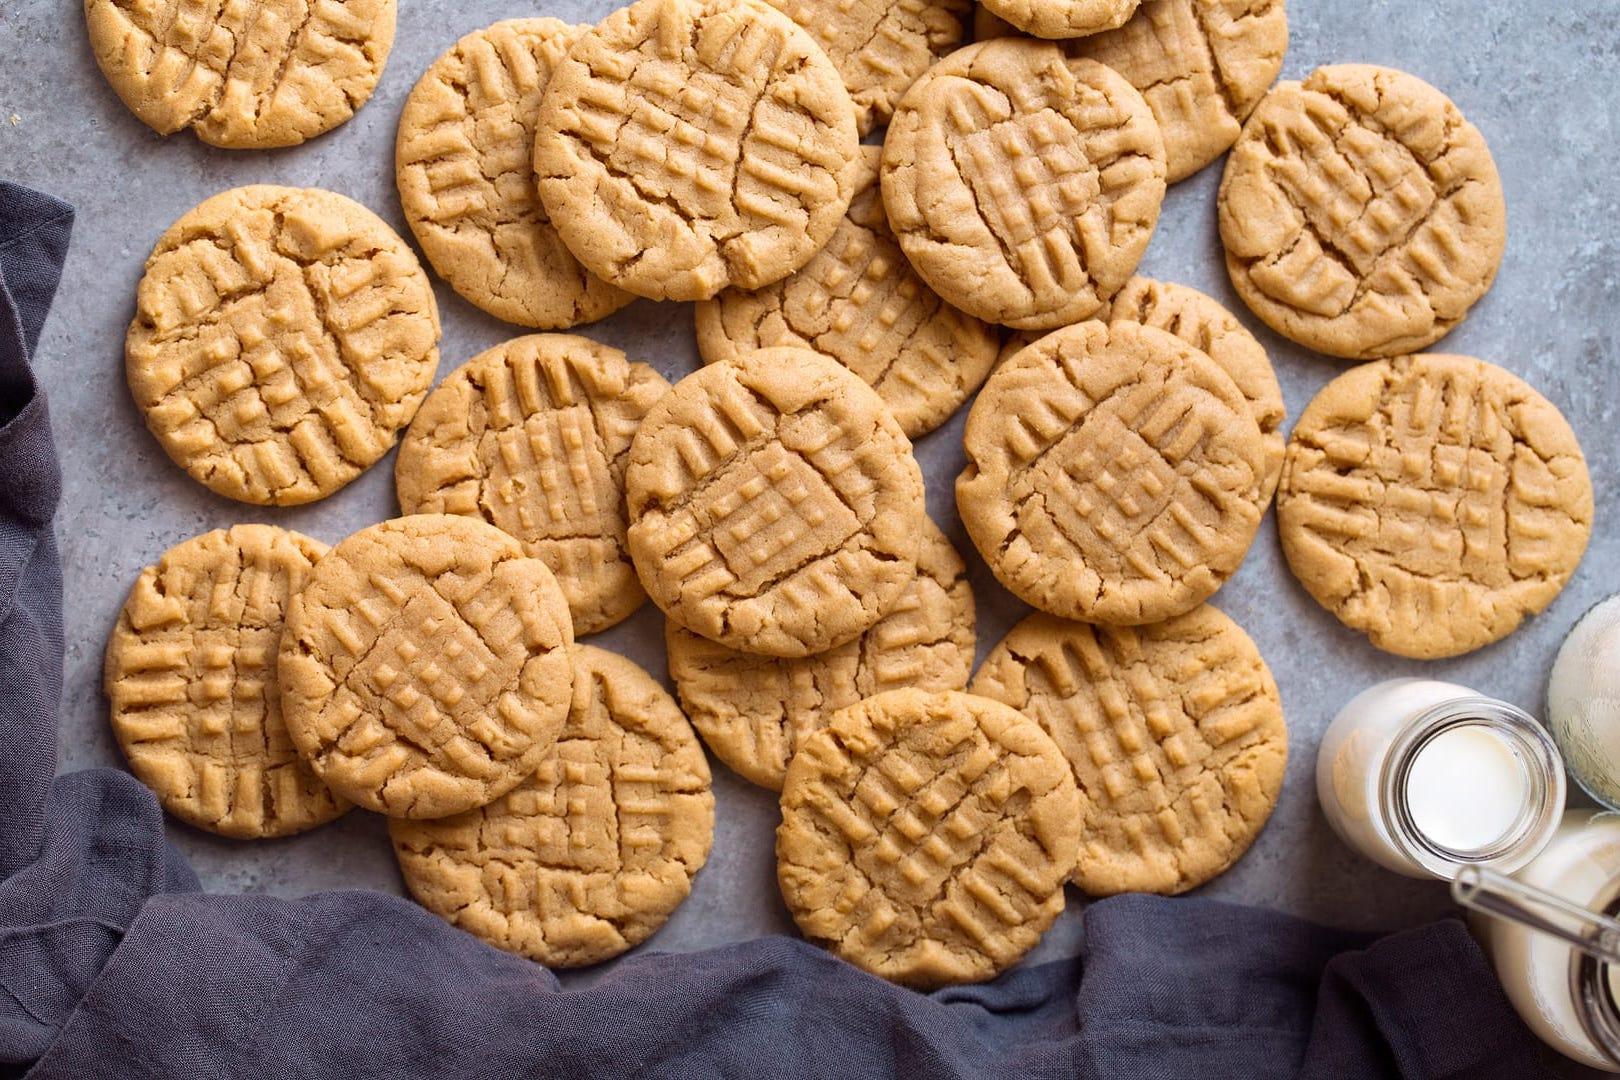 Recette facile à 3 ingrédients pour les enfants: Biscuits au beurre d'arachide